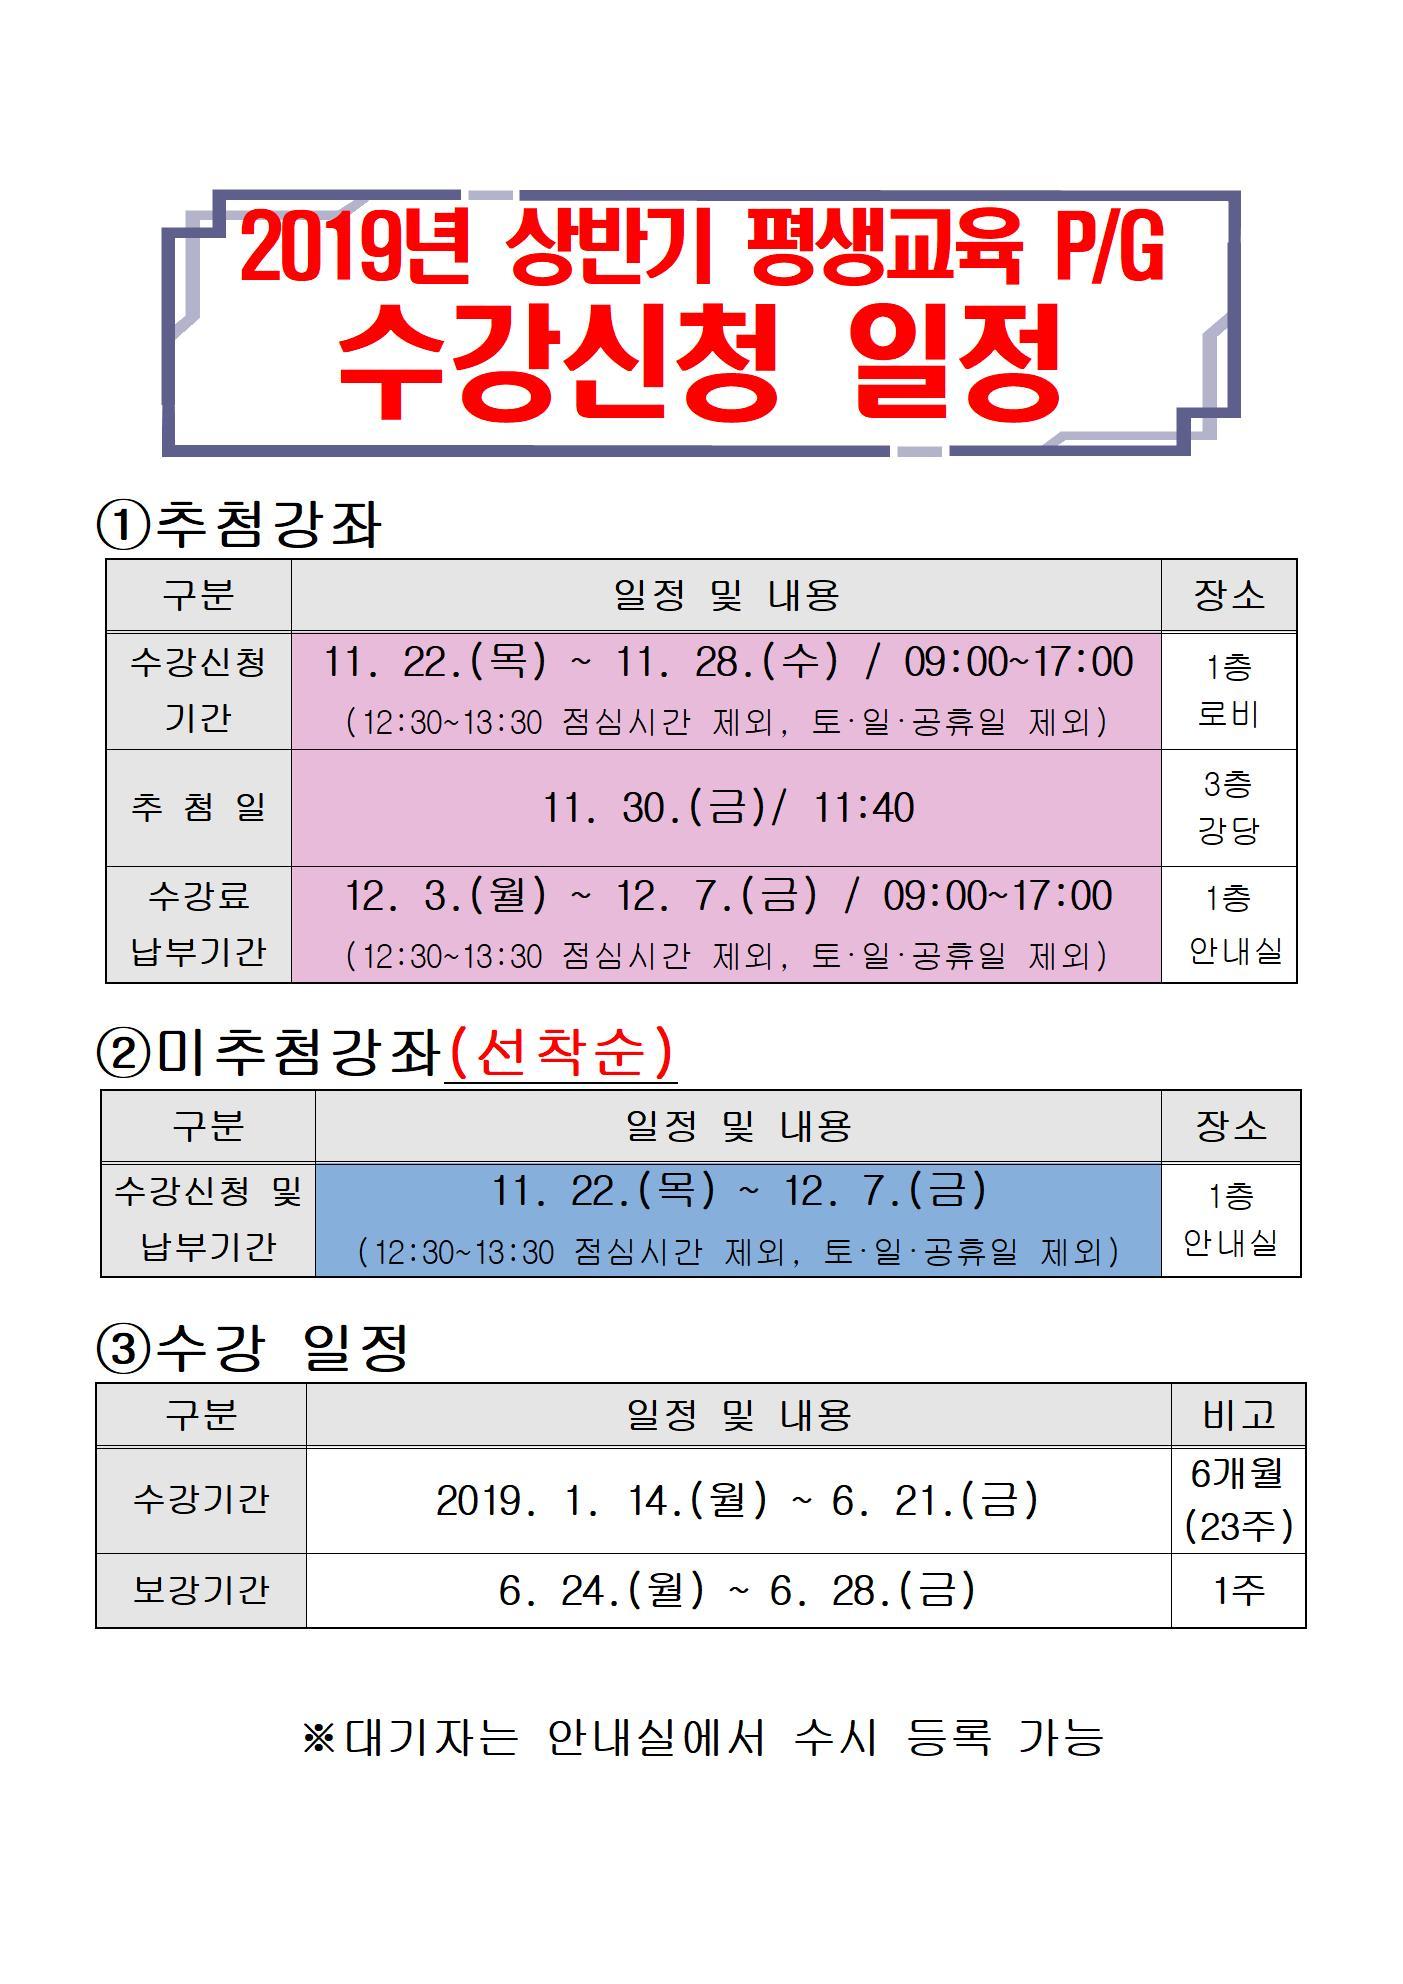 2019년 상반기 수강신청 홍보 안내1.jpg